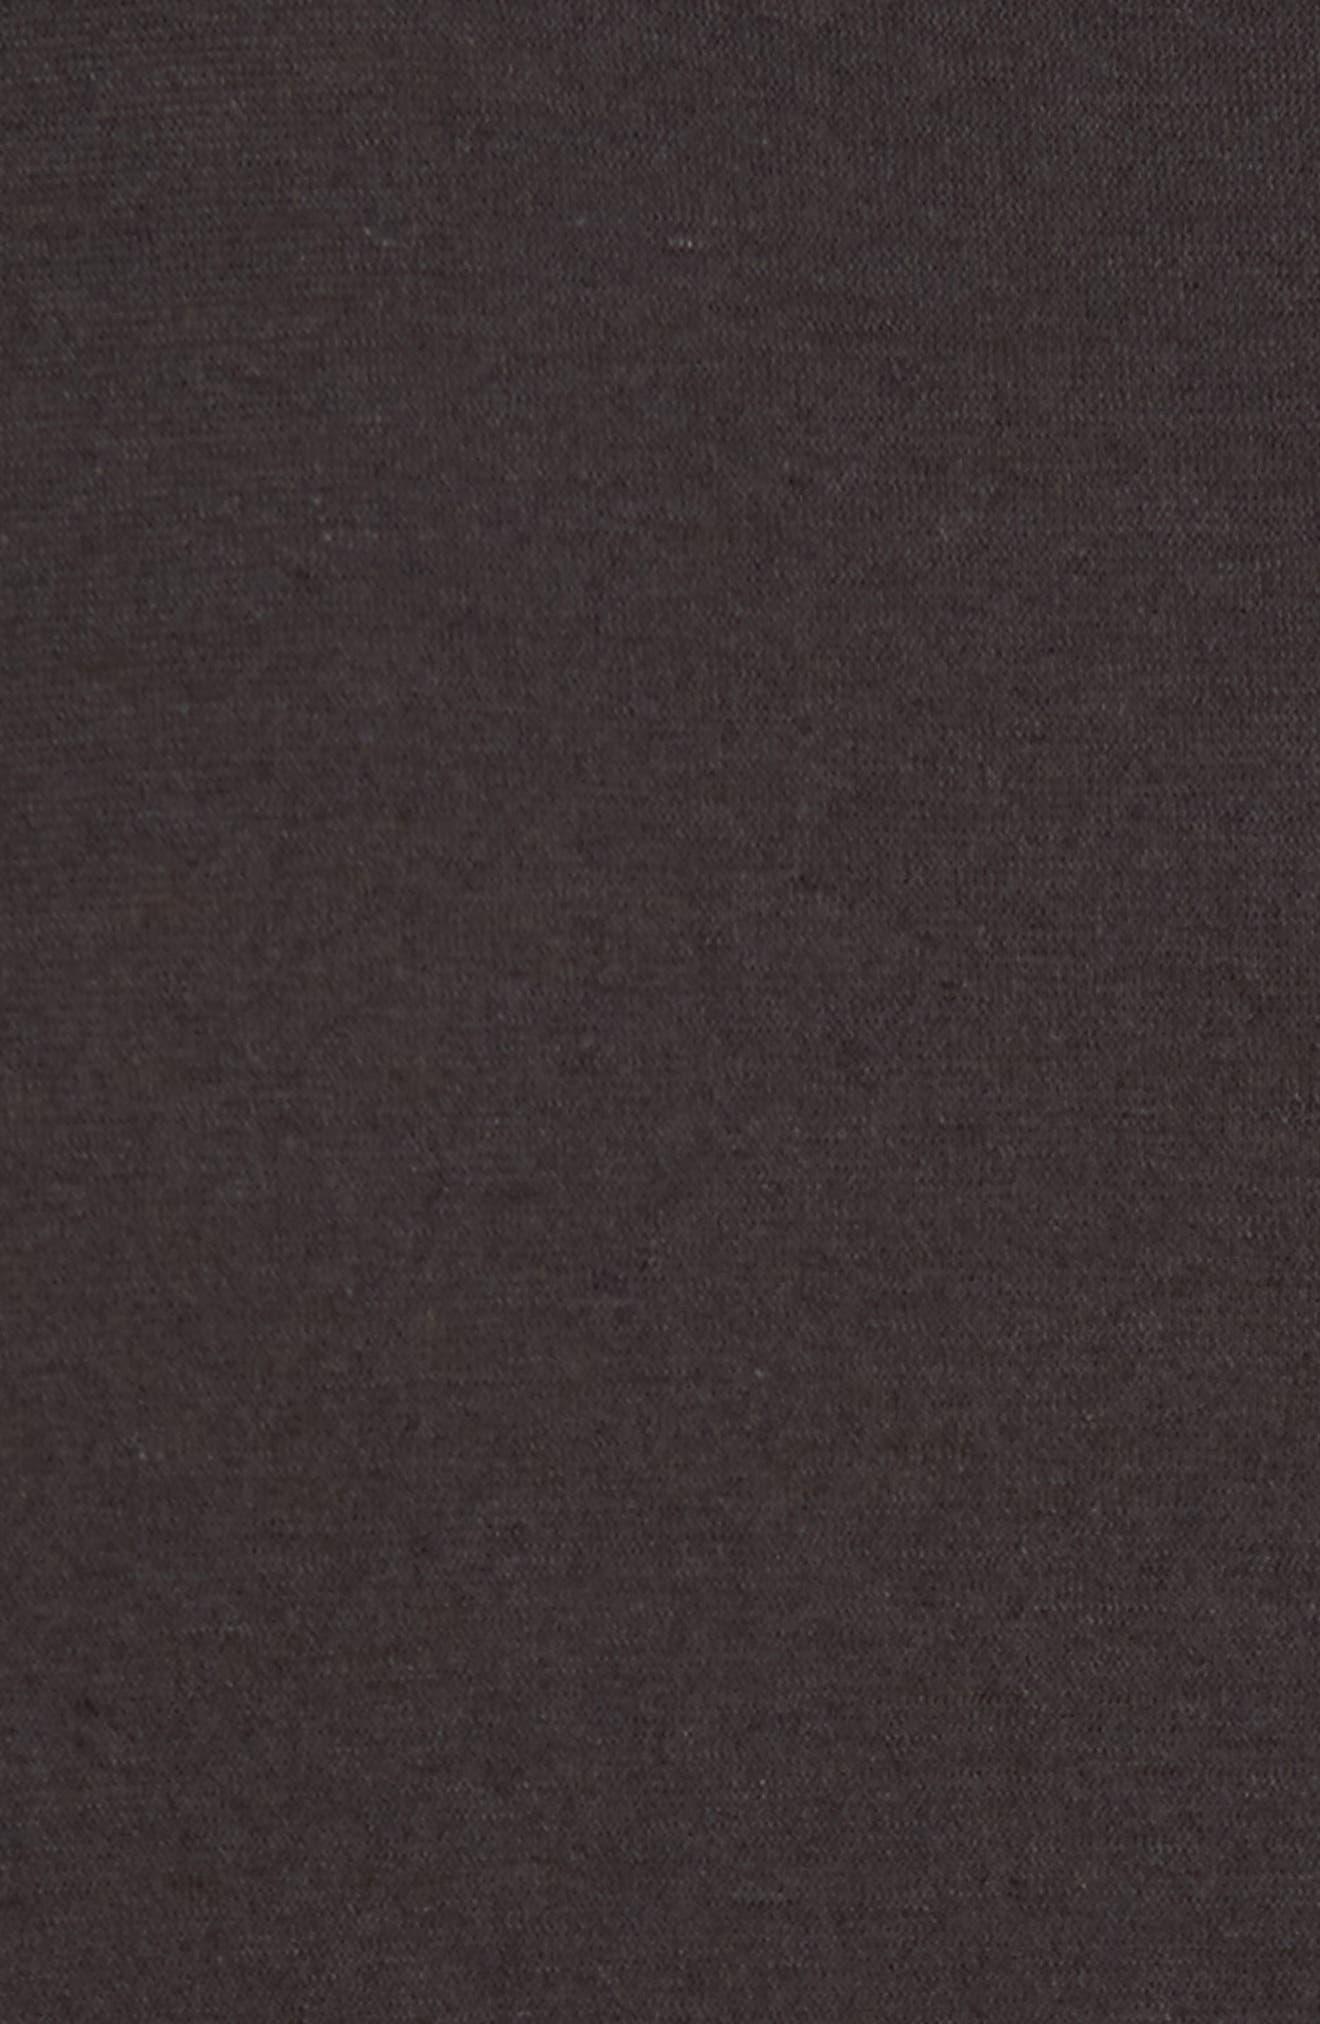 Cotton & Linen Pocket T-Shirt,                             Alternate thumbnail 5, color,                             020